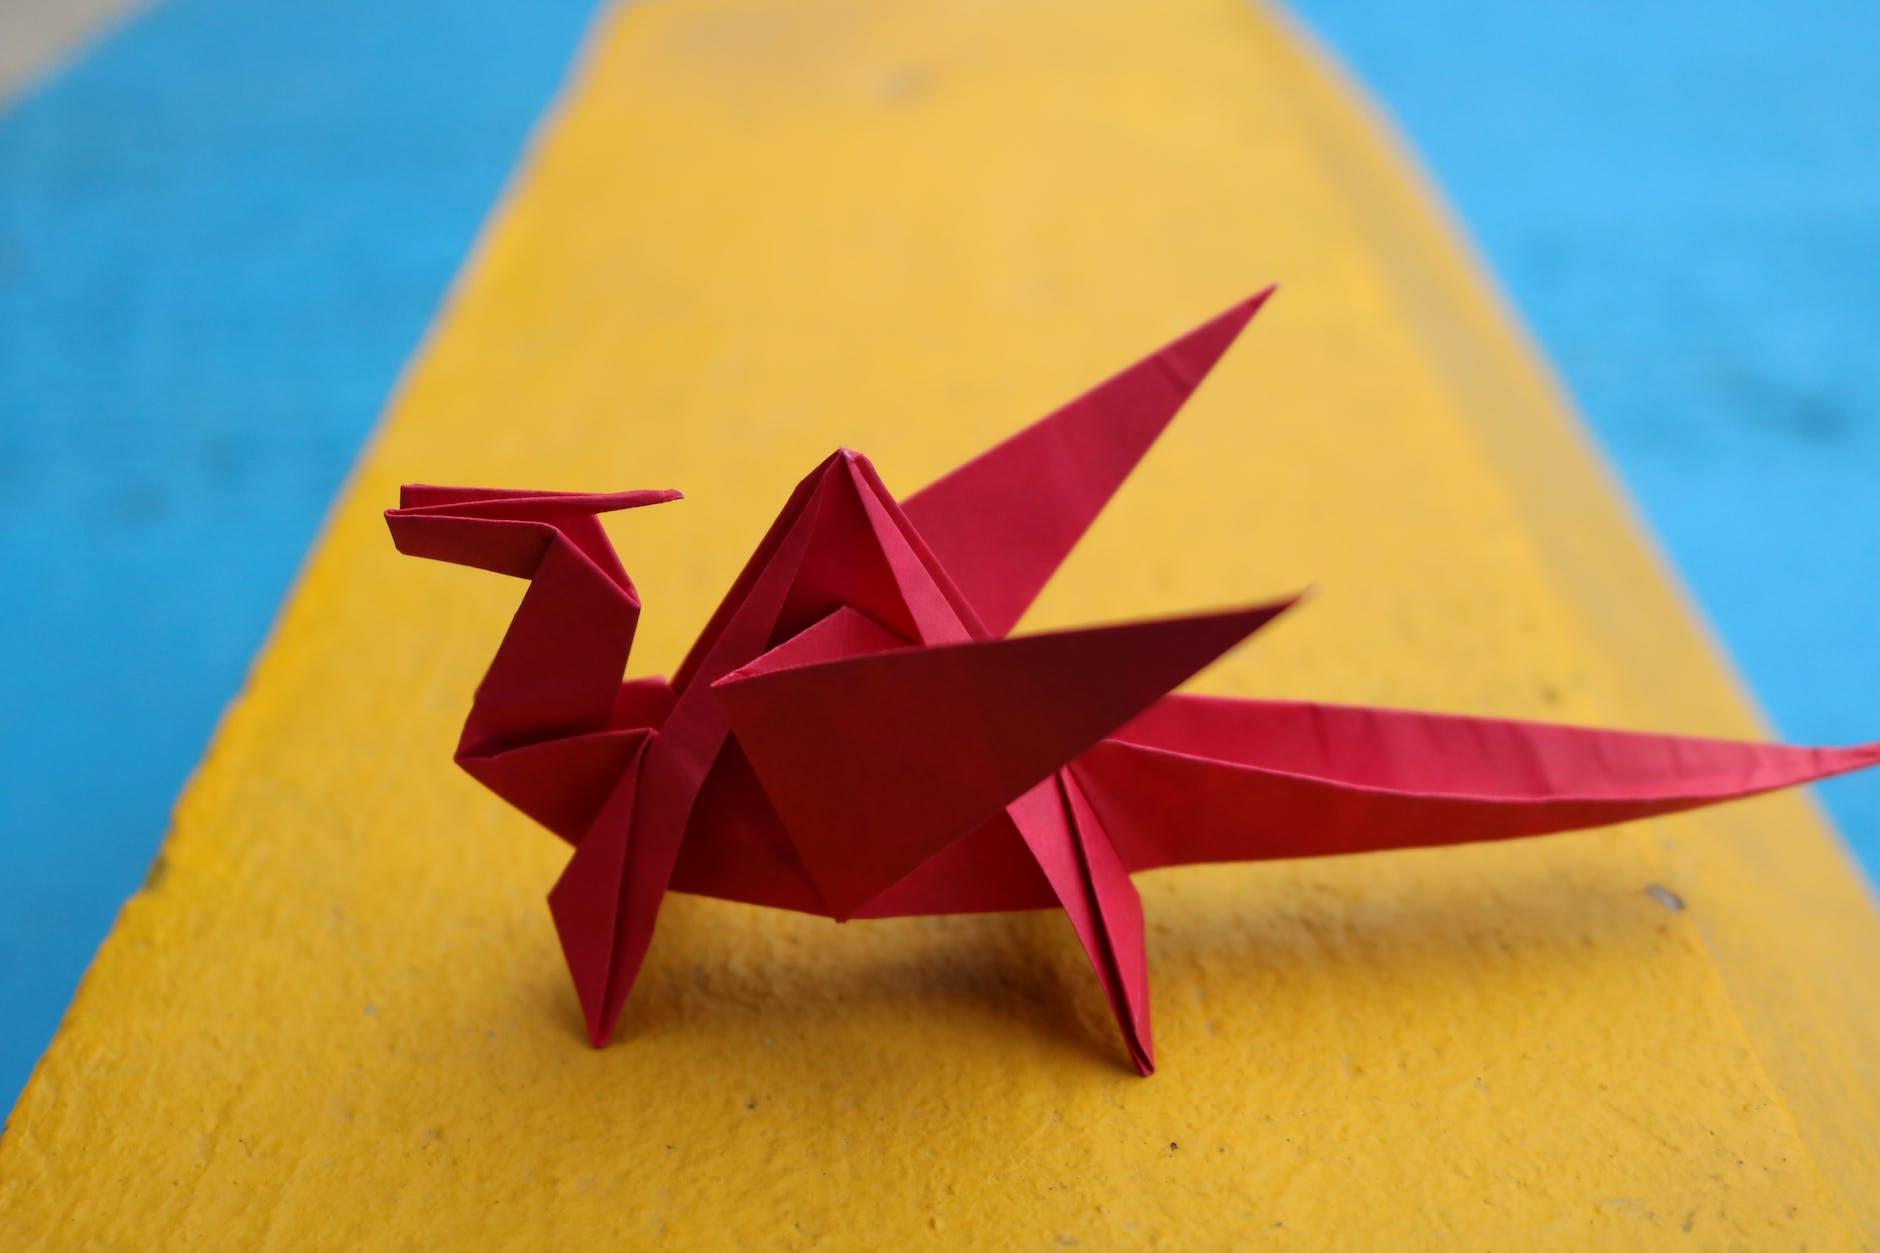 Inilah Manfaat Origami Bagi Balita 2